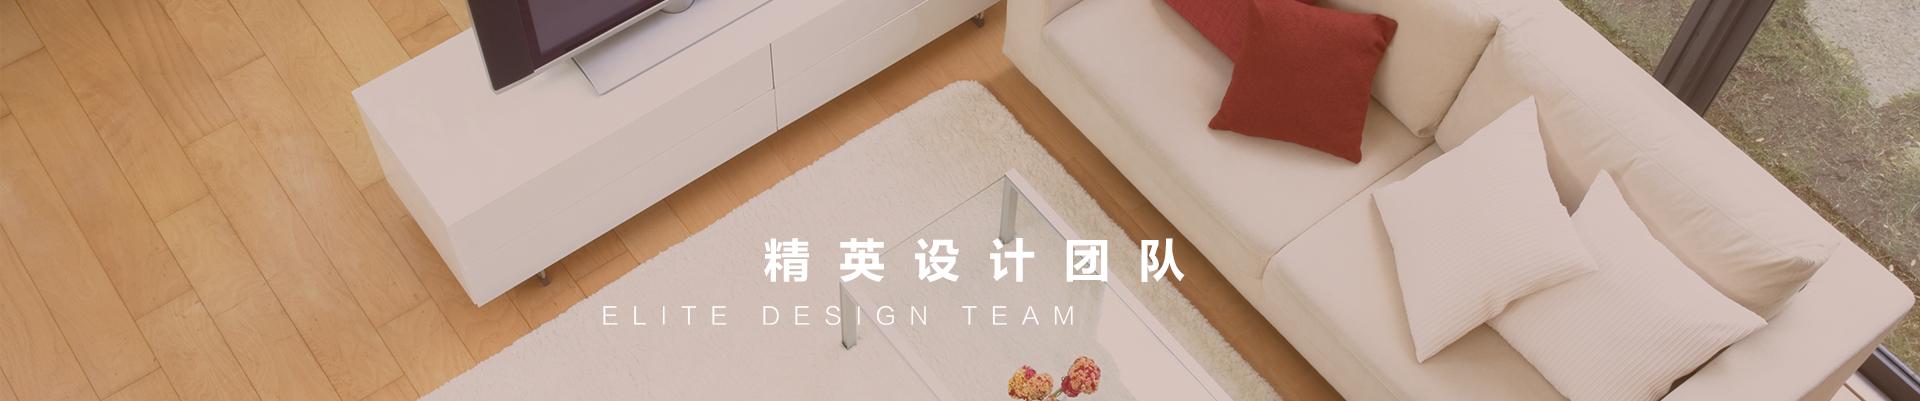 精英设计团队